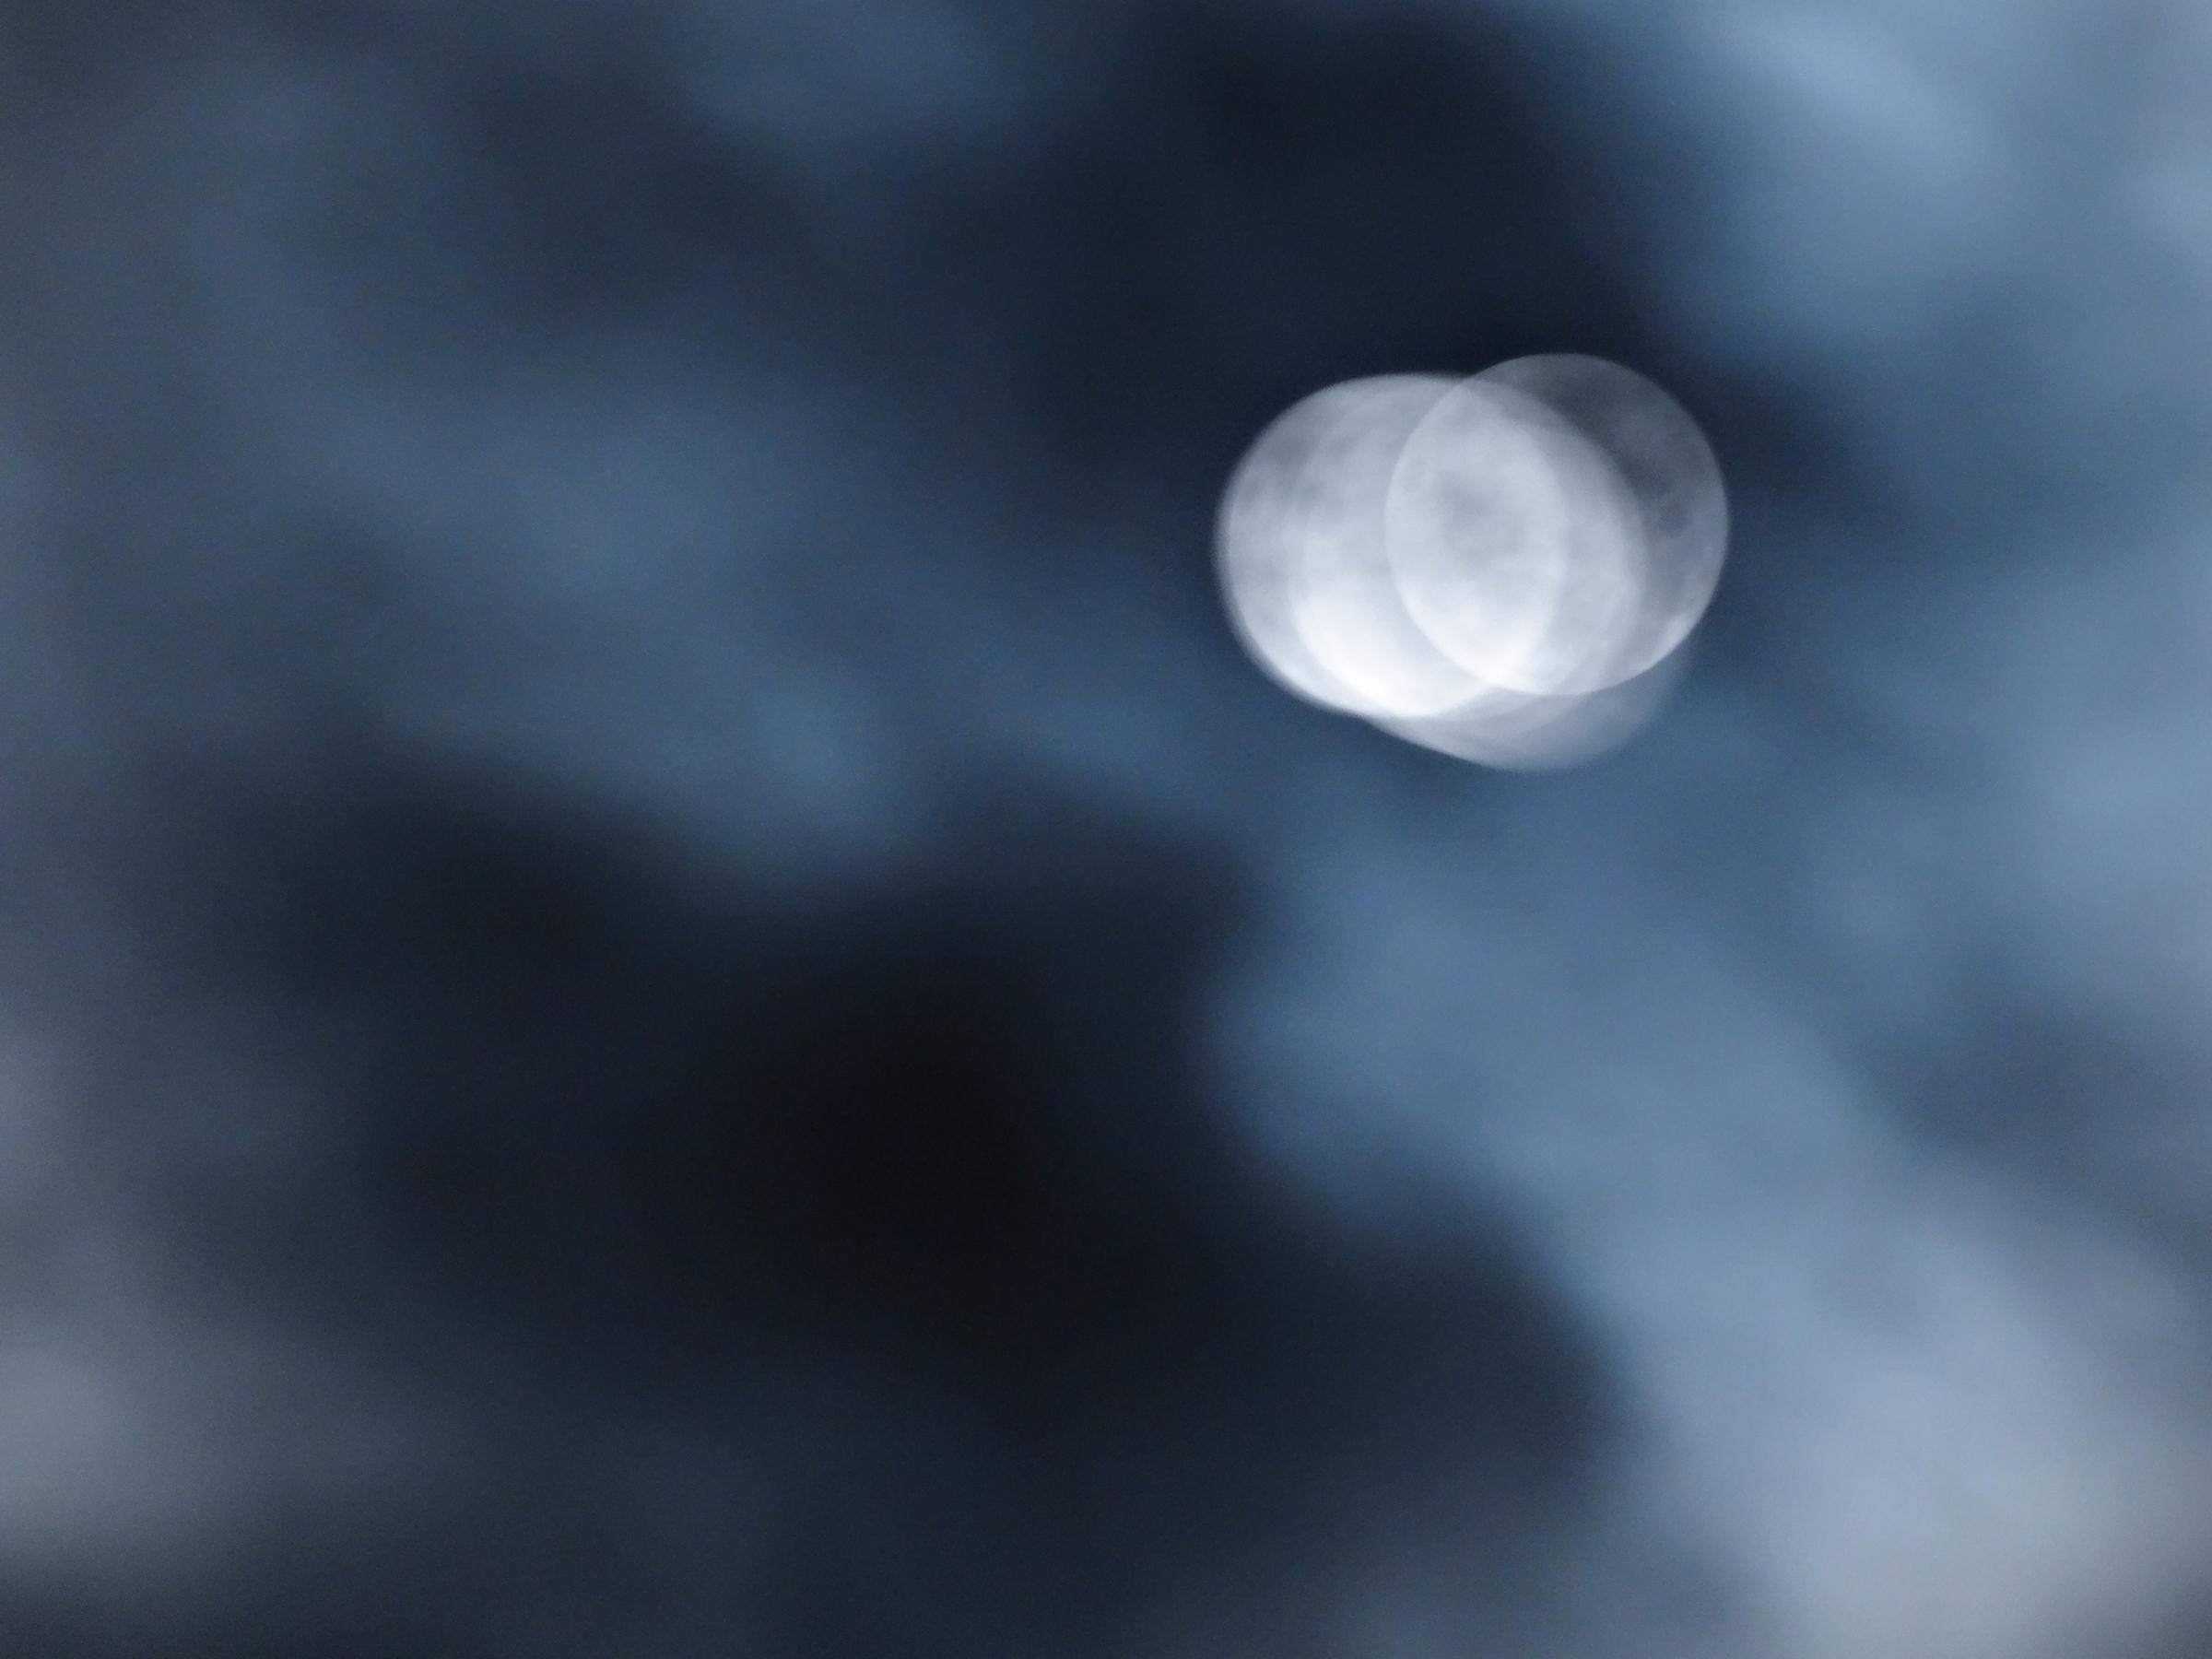 Moonpull moon shadows soul reig - dropshot   ello